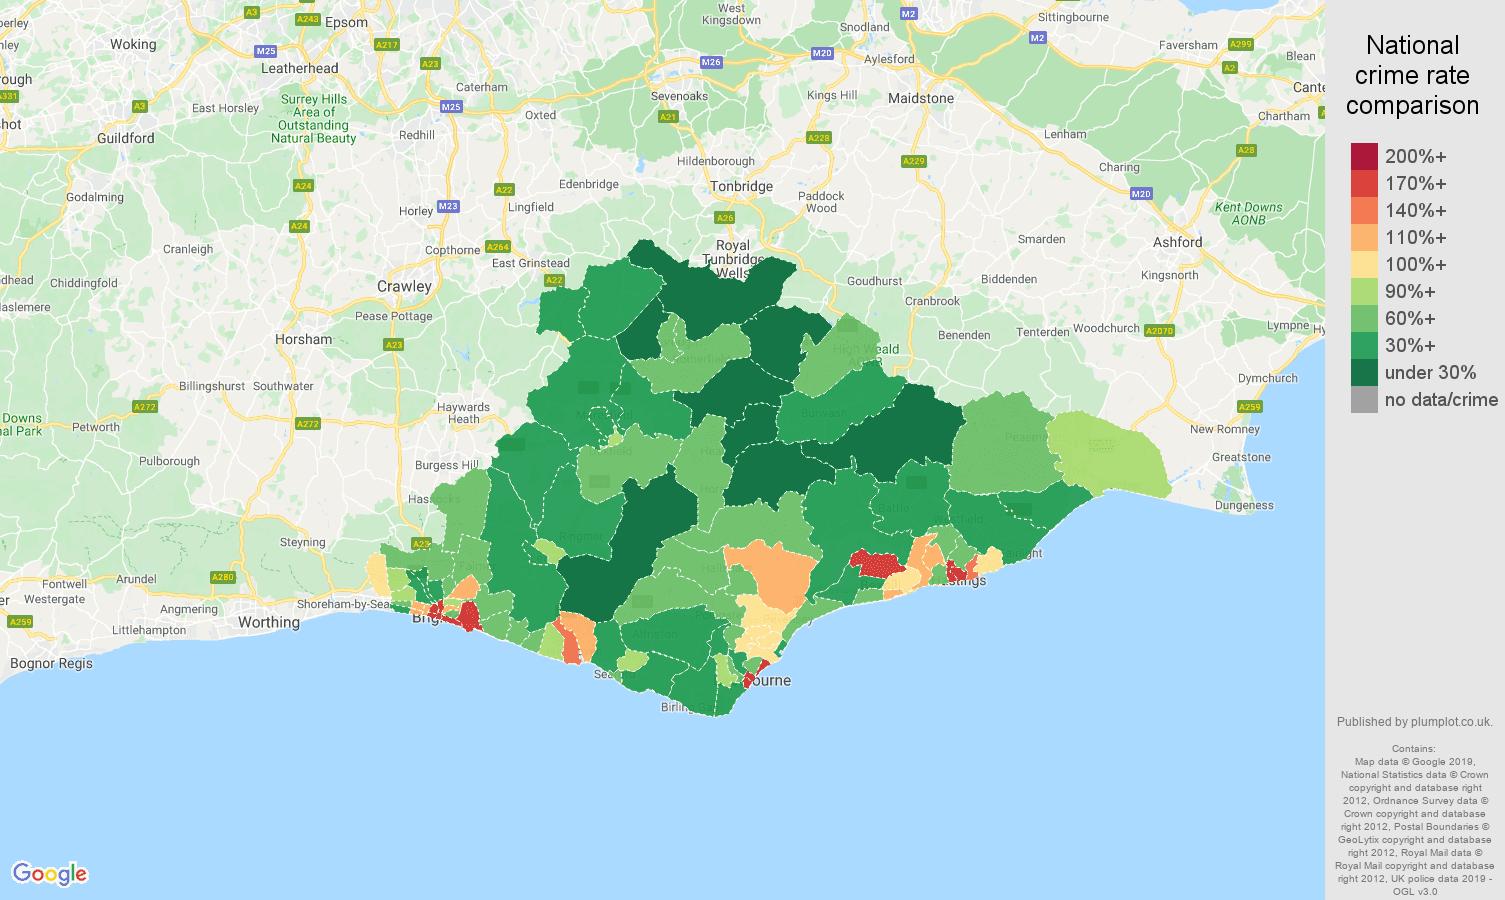 East Sussex public order crime rate comparison map